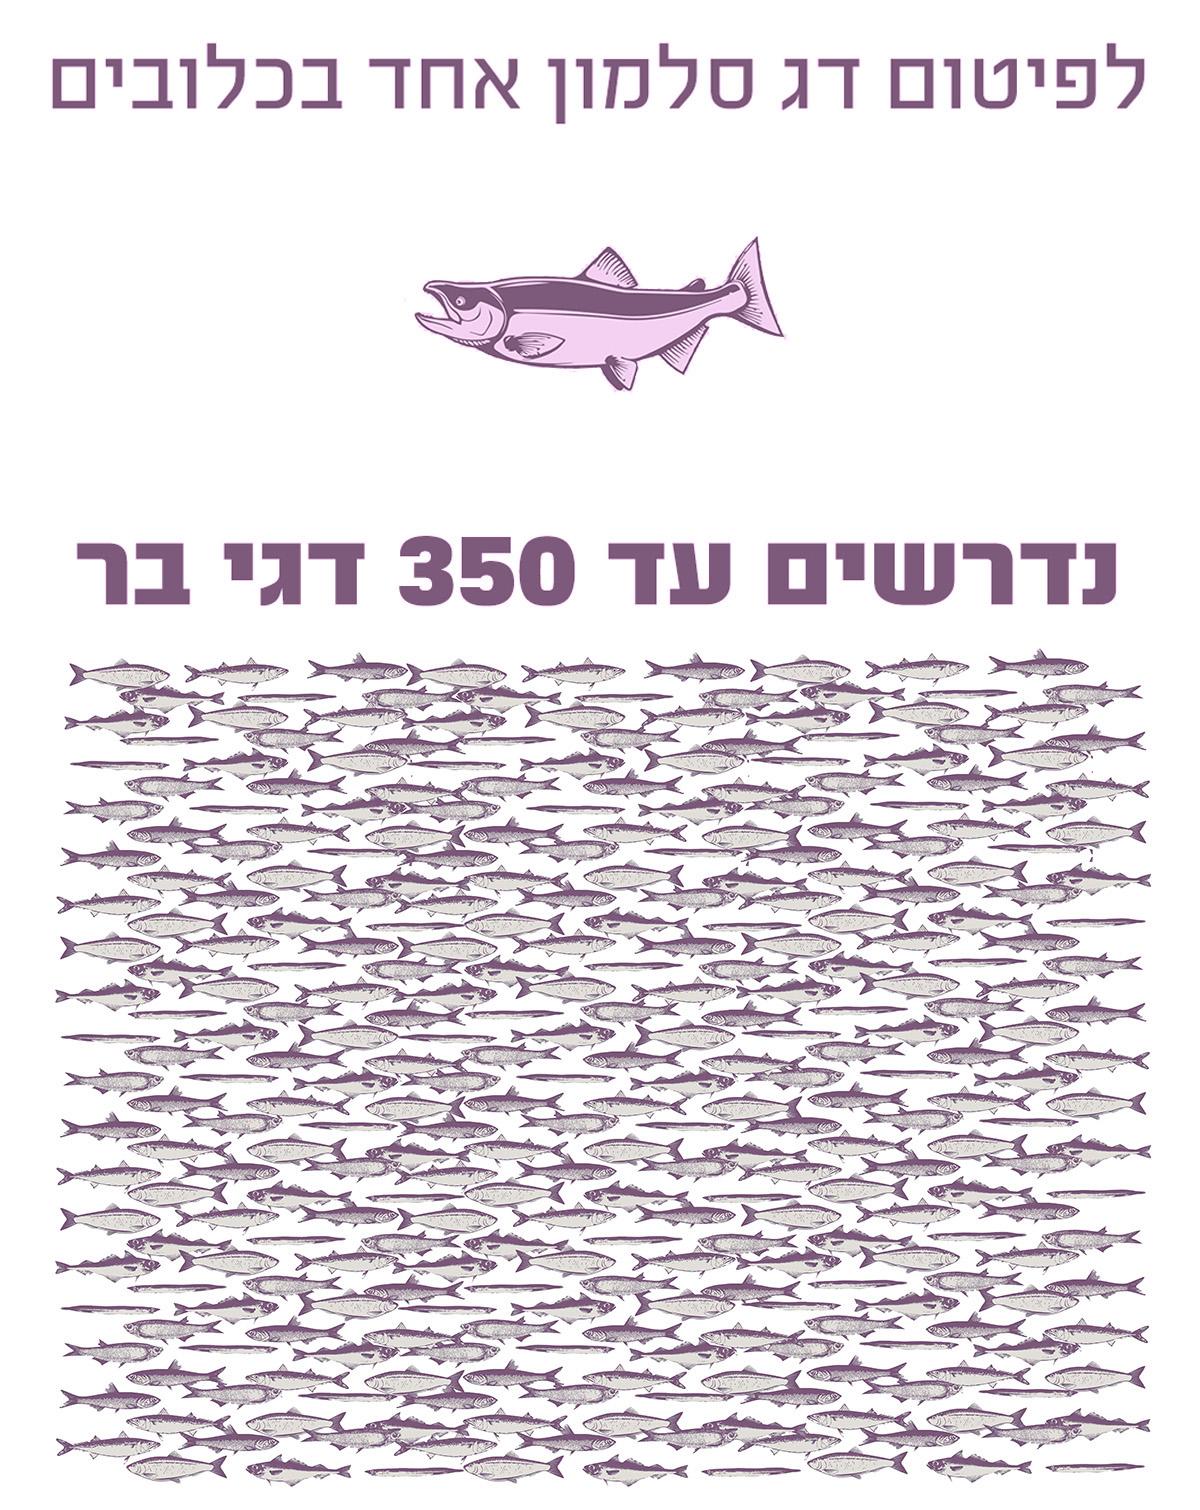 לפיטום סלמון אחד דרושים 350 דגי בר